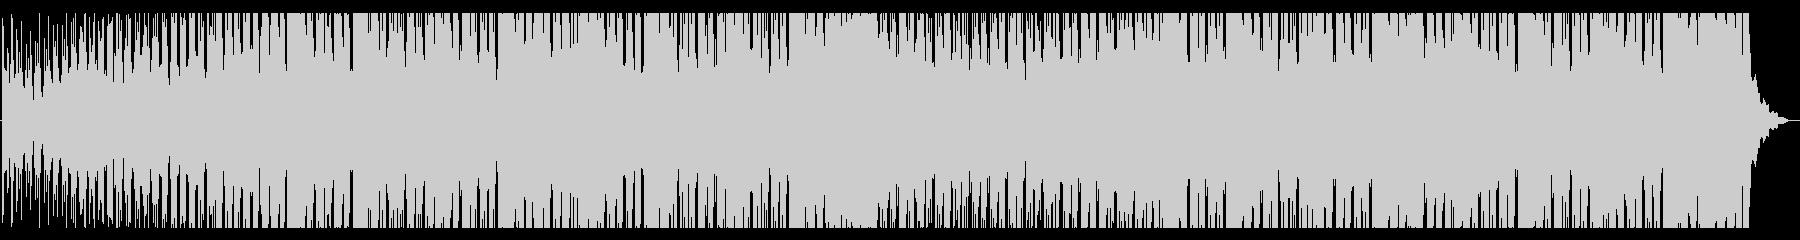 レトロ/シンセウェーヴ_No385の未再生の波形